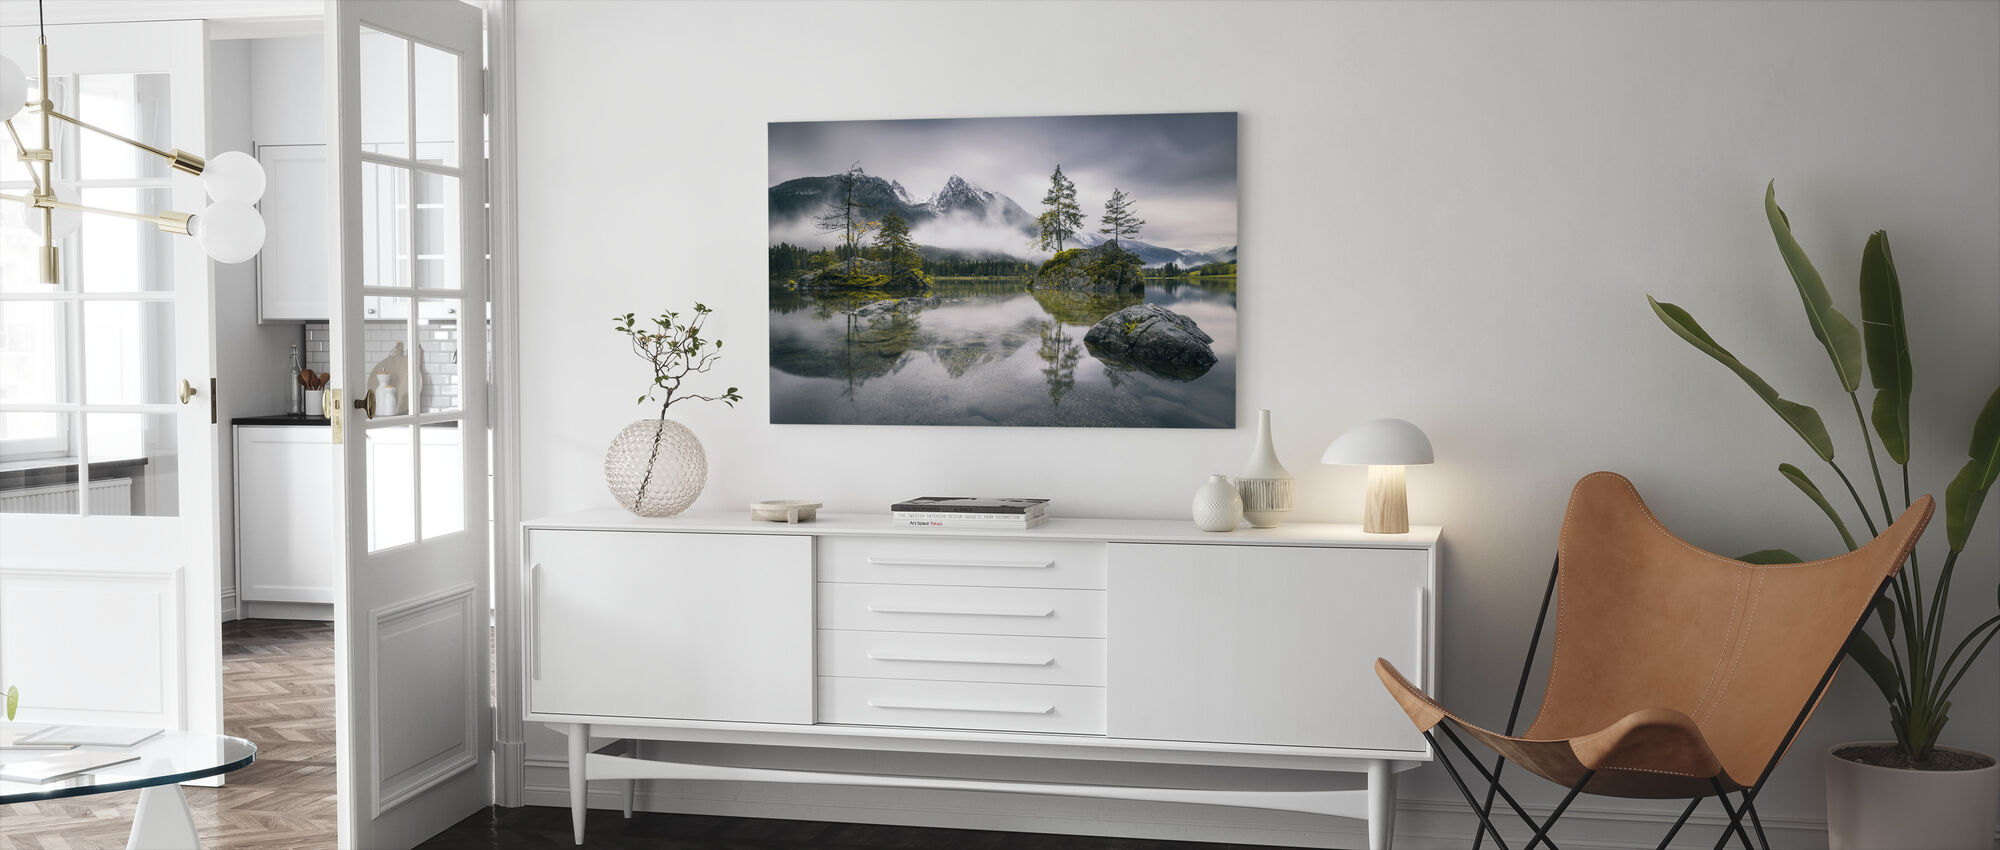 Rainy Morning at Hintersee (Bavaria) - Canvas print - Living Room